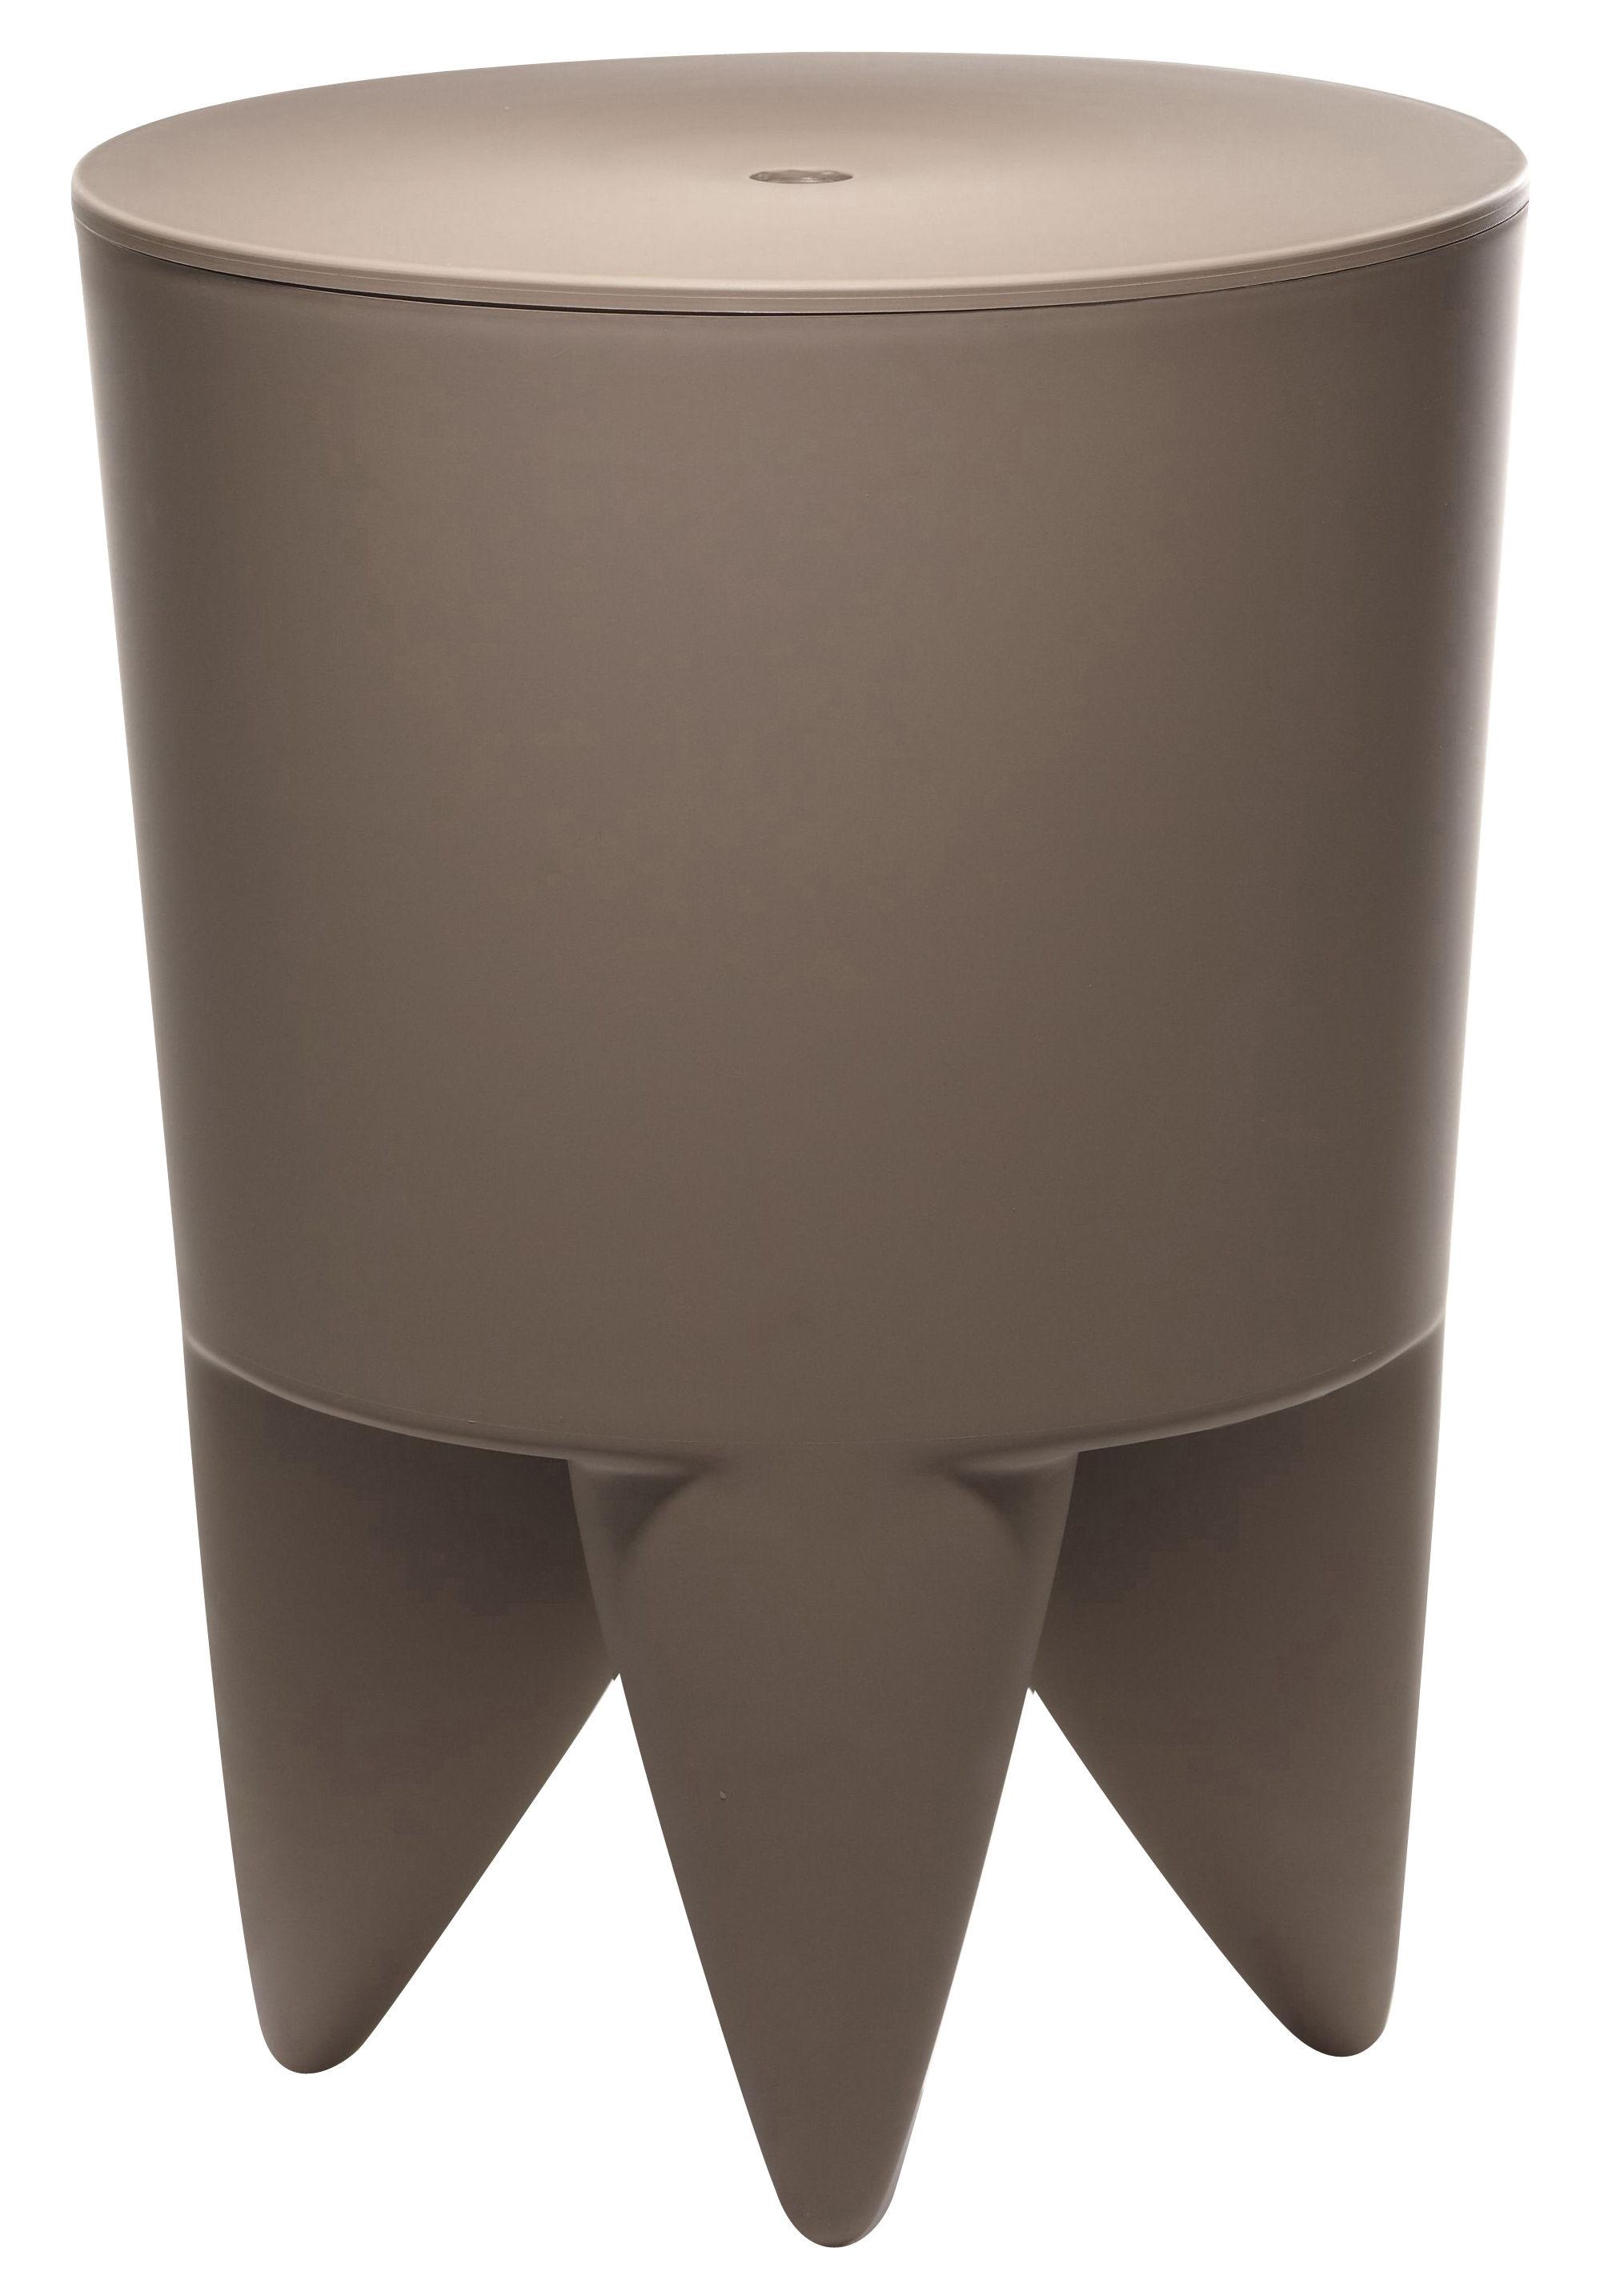 Mobilier - Mobilier Ados - Tabouret New Bubu 1er / Coffre - Plastique - XO - Mushroom - Polypropylène